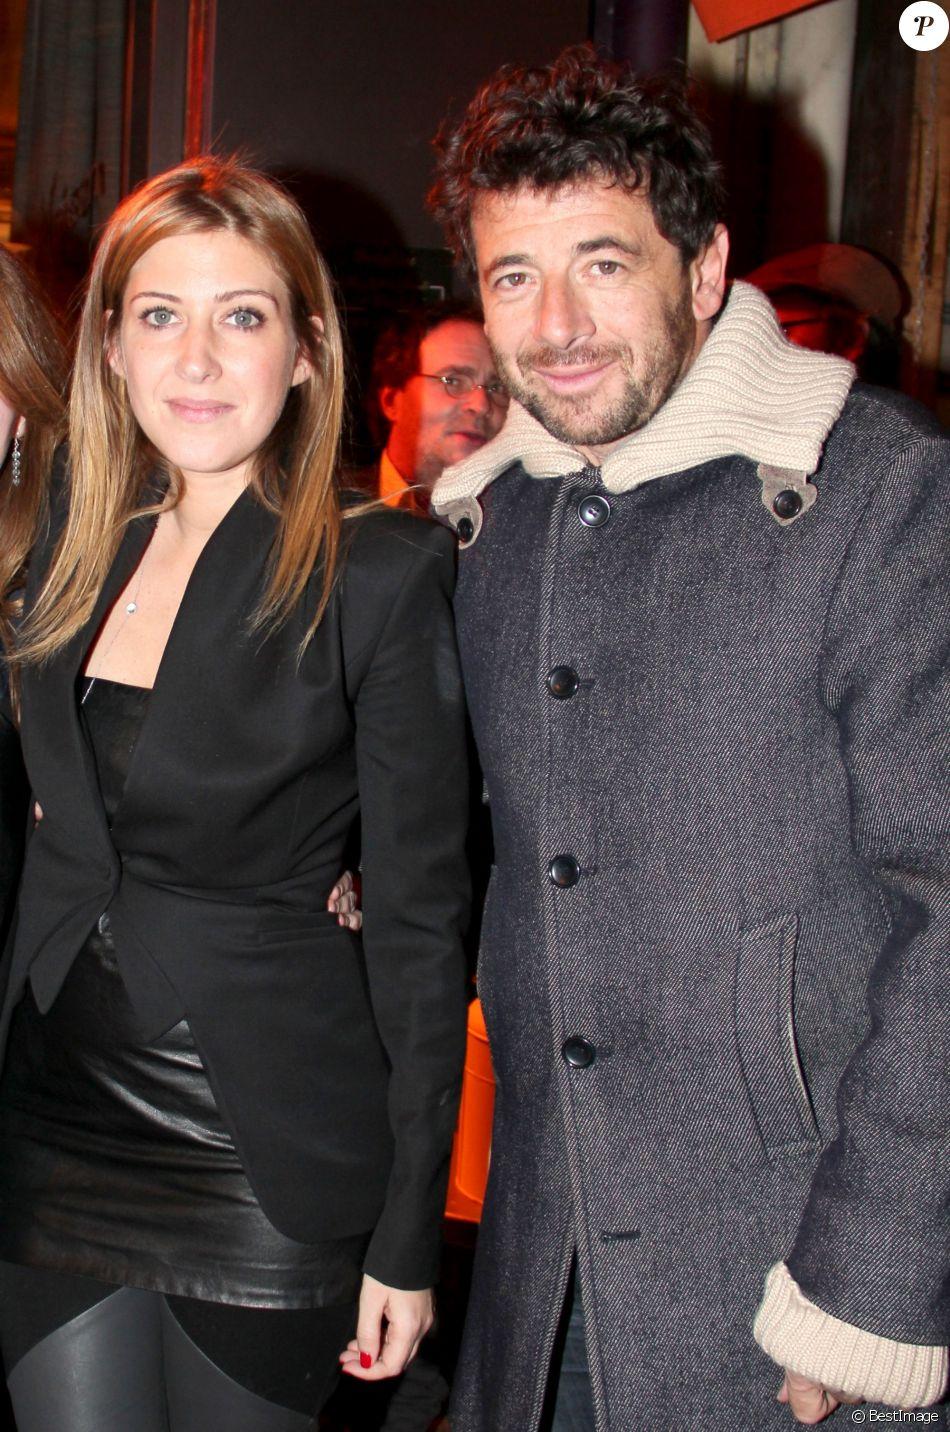 Exclusif - Amanda Sthers recoit la medaille des Arts et des Lettres au restaurant BBB entouree de ses plus proches amis et de sa famille à Paris le 31 janvier 2013.